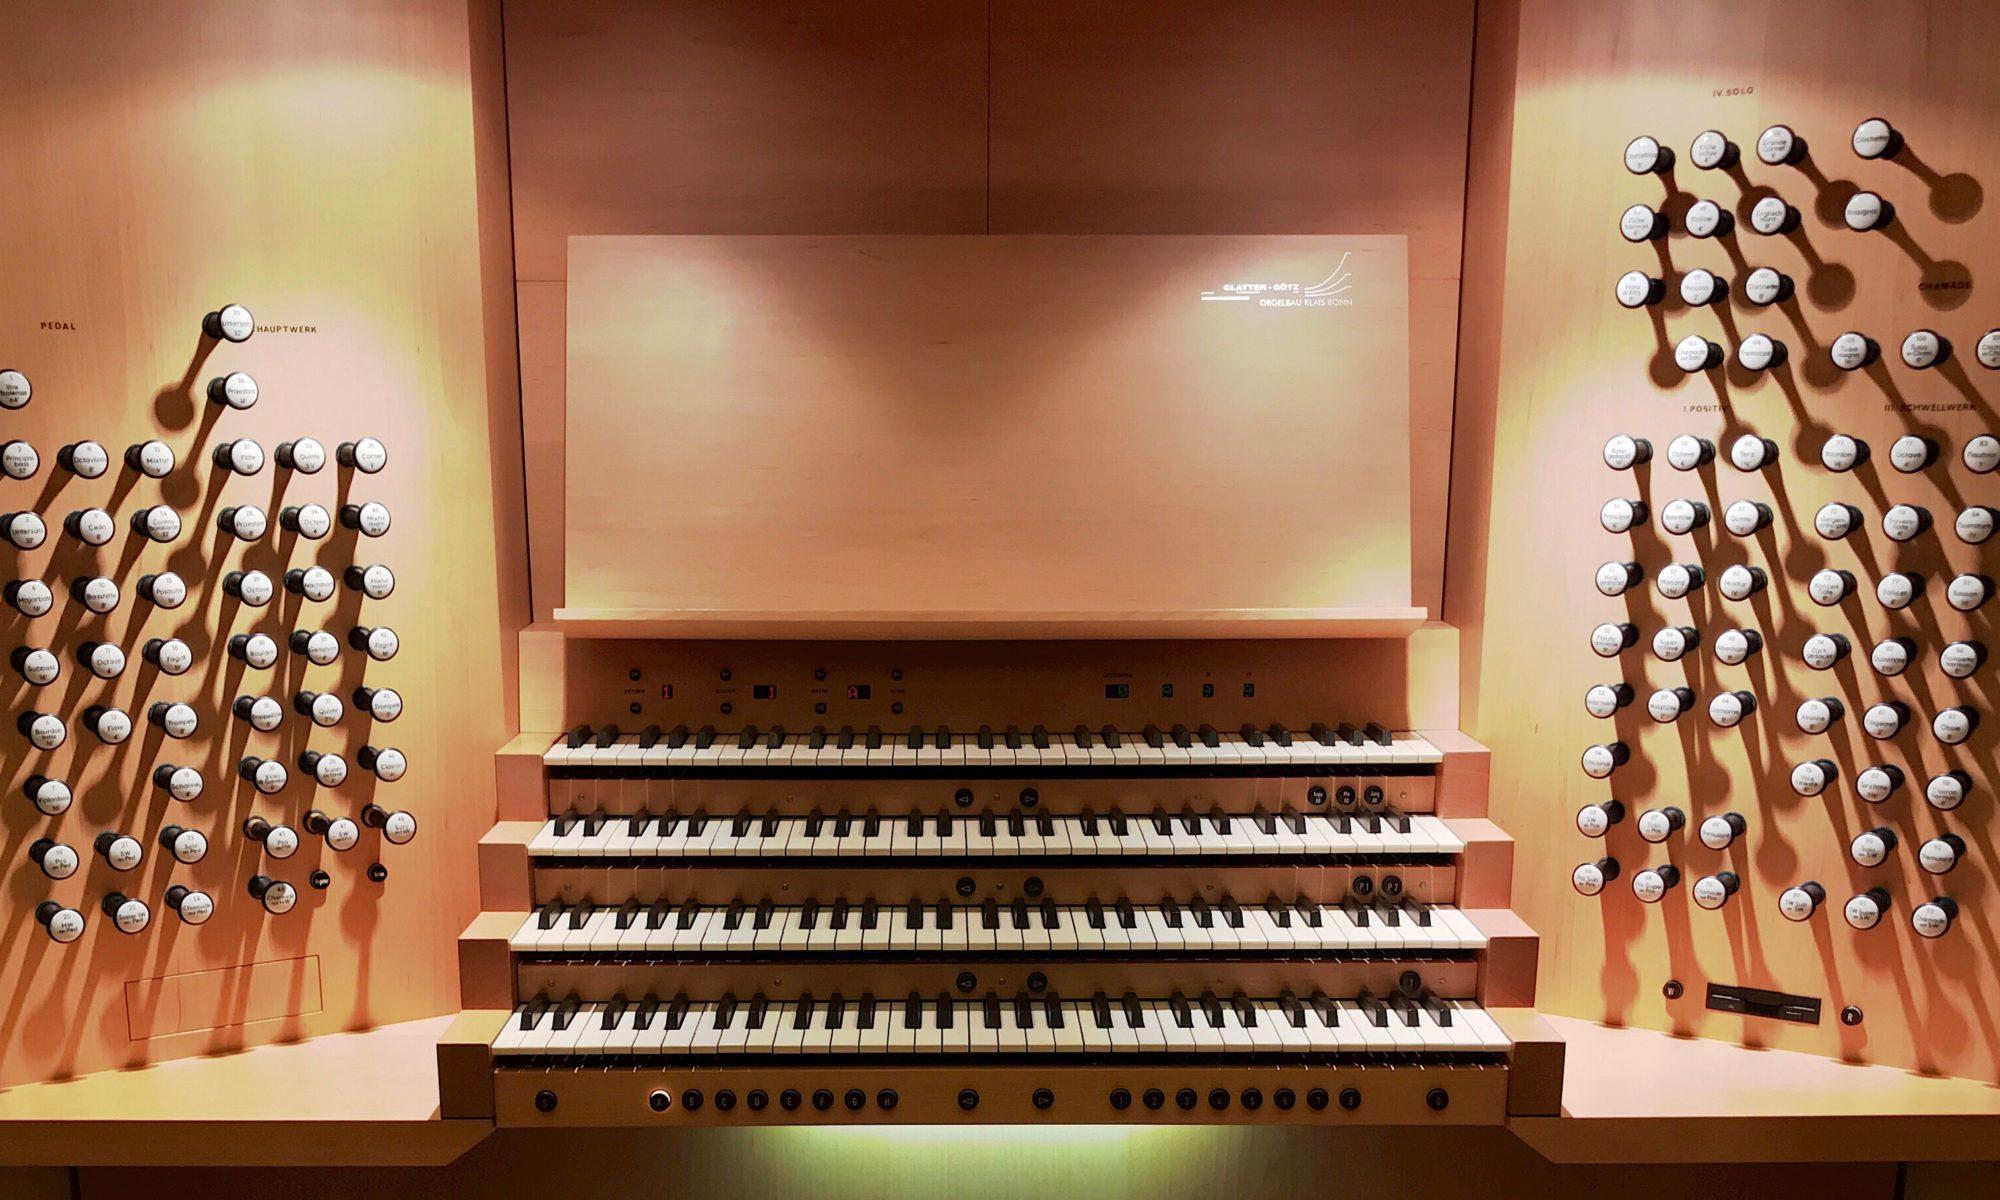 Der Spieltisch der Klais-Orgel im Haus der Musik in Moskau